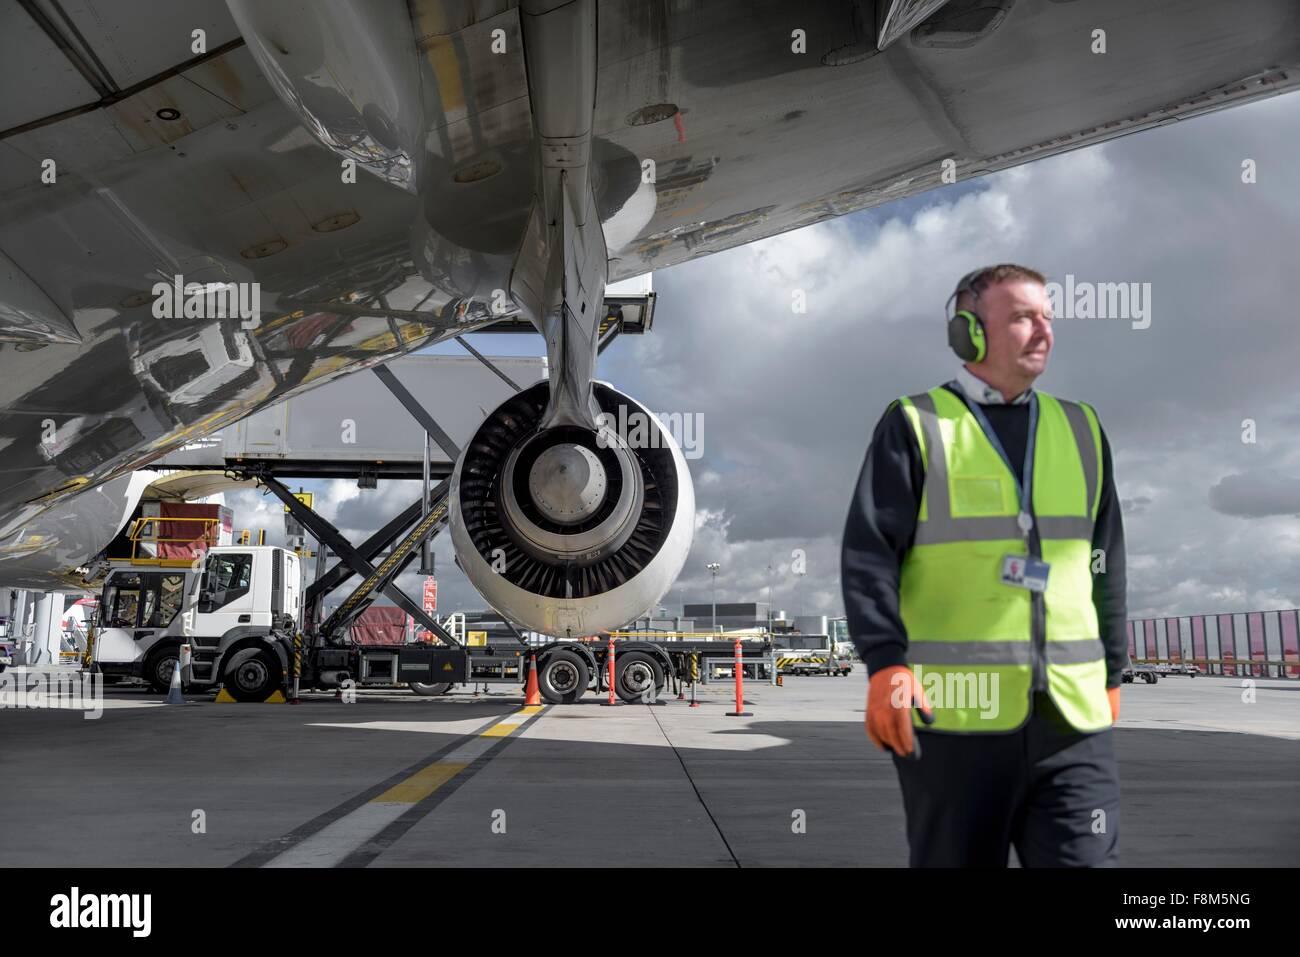 Personale di terra ingegnere con un380 velivoli a getto Immagini Stock